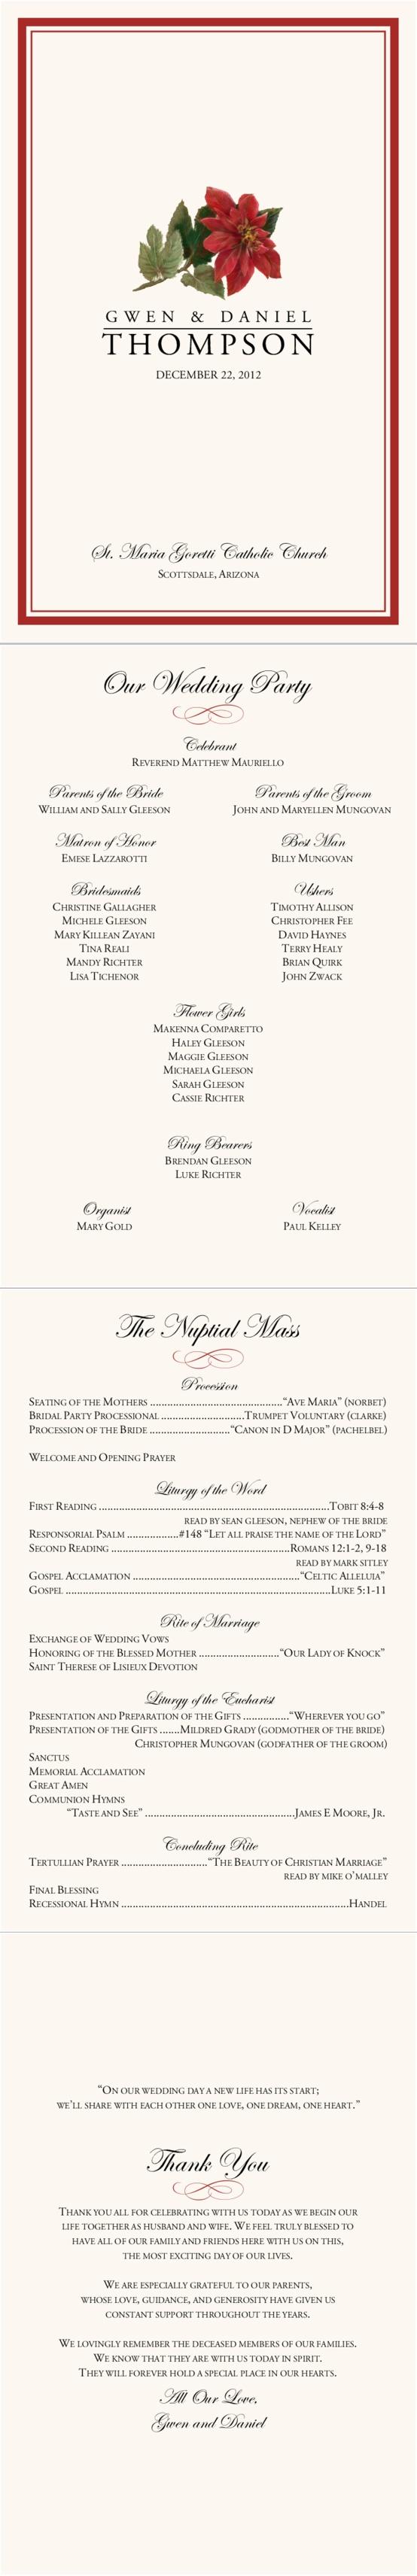 Best 11 best wedding programs images on Pinterest | Catholic wedding  YX26